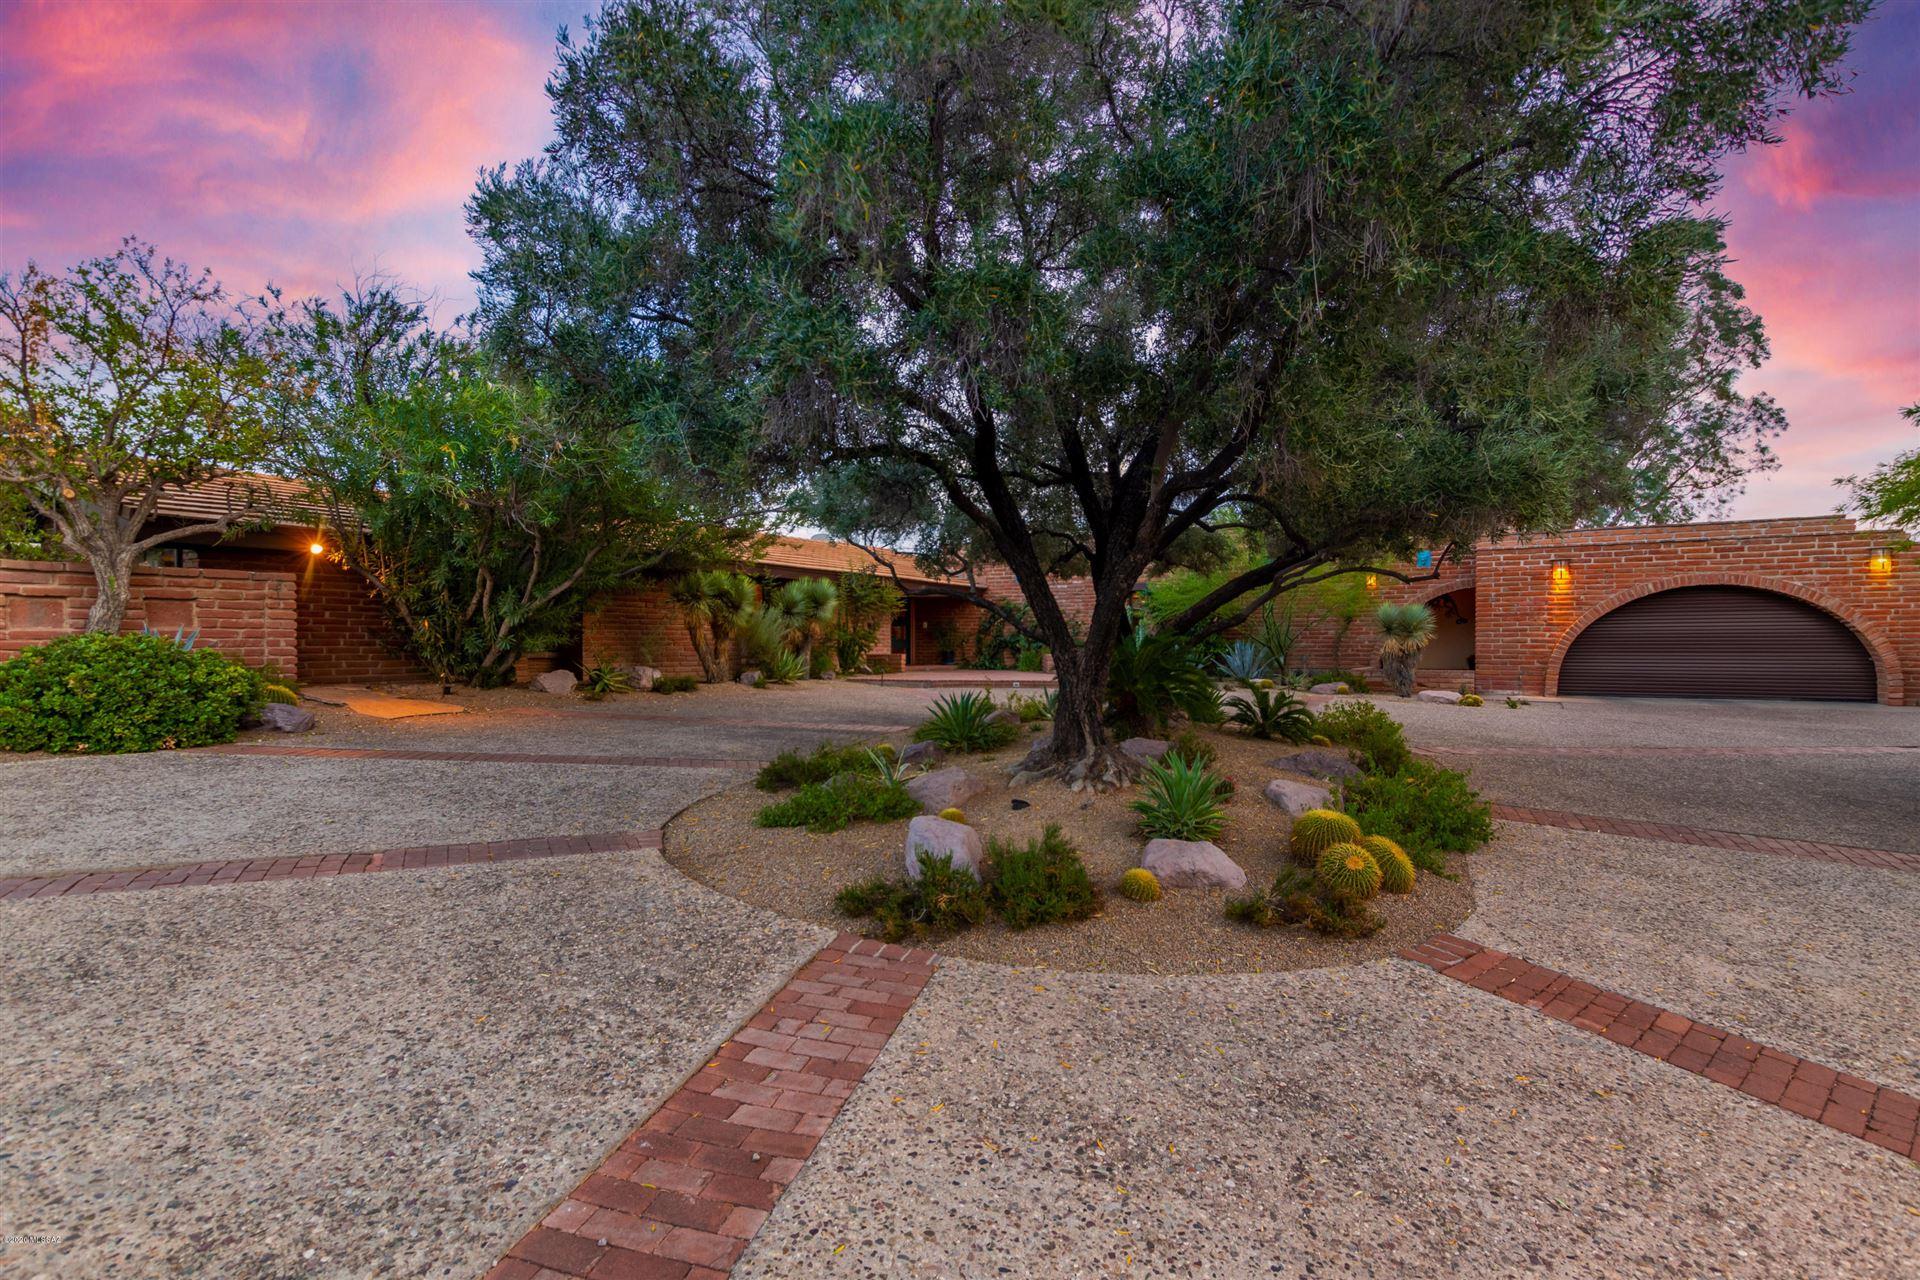 4750 N Camino Corto, Tucson, AZ 85718 - MLS#: 22101364